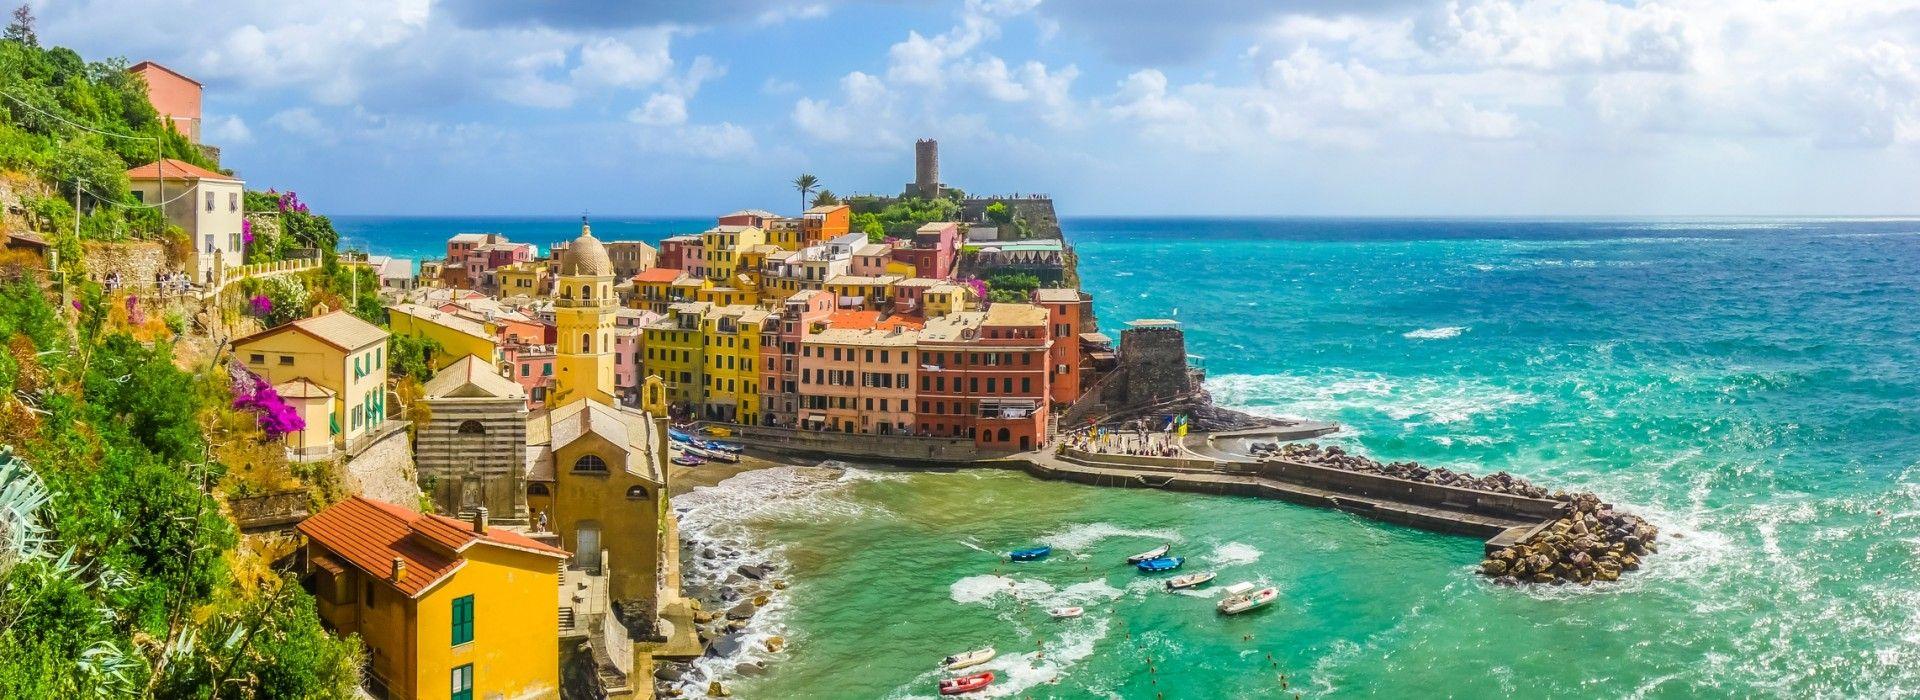 Trekking Tours in Cinque Terre and Liguria